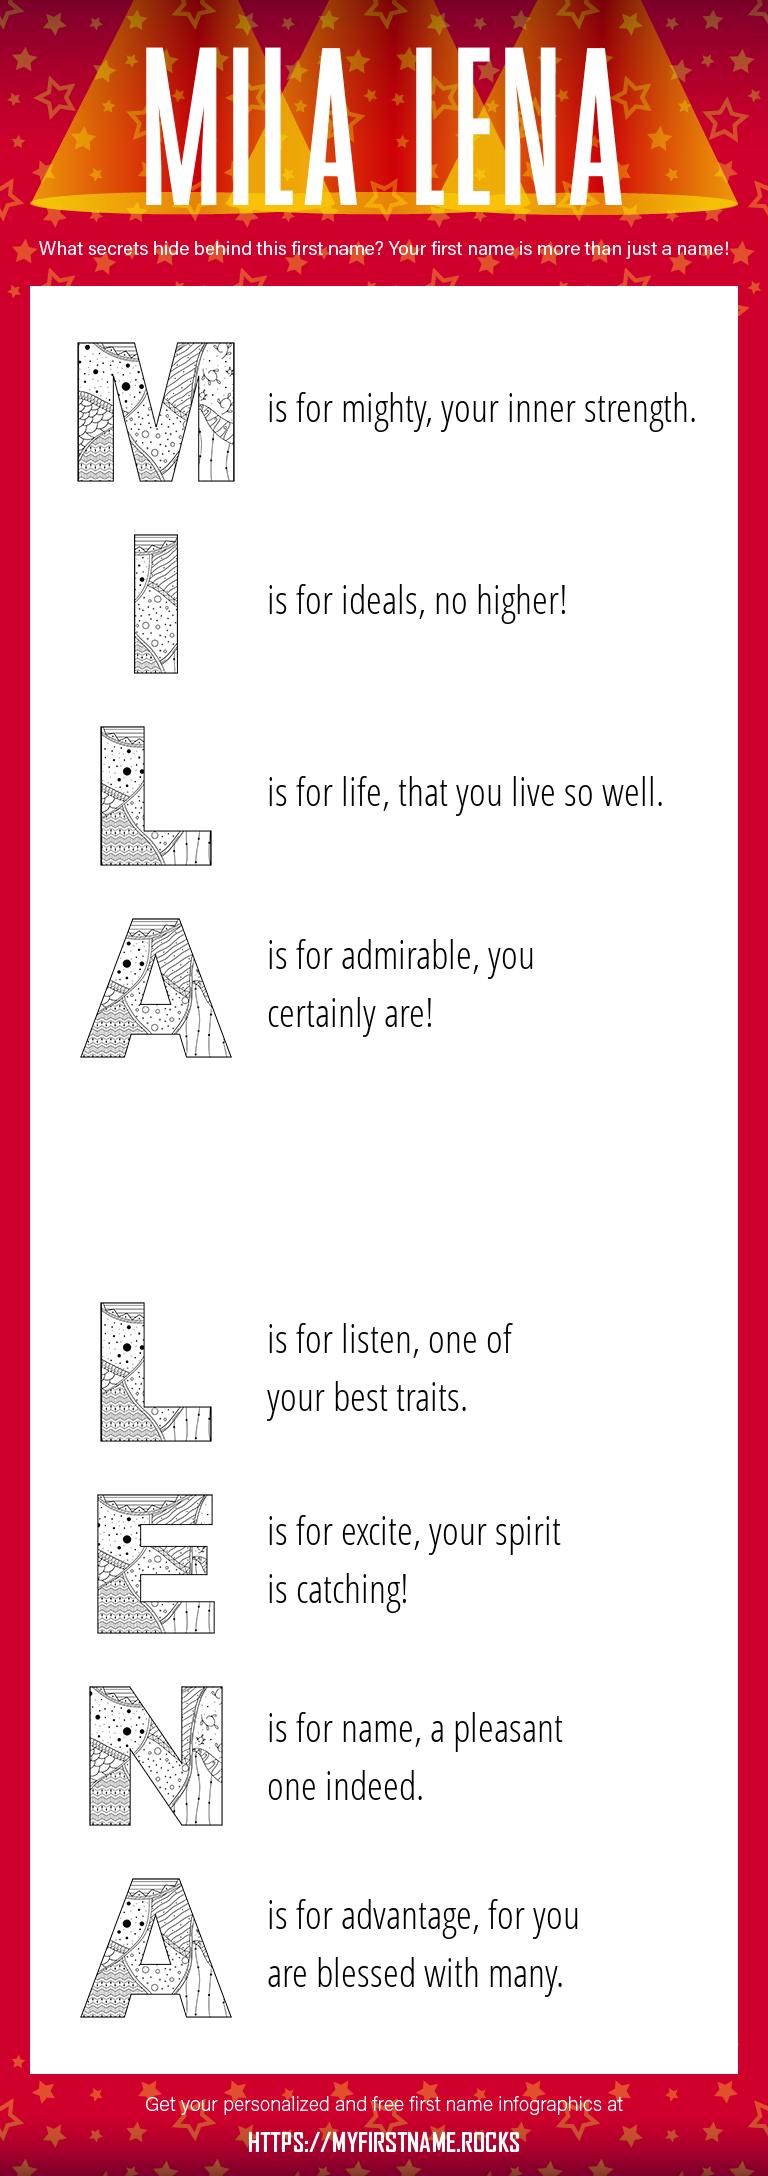 Mila Lena Infographics